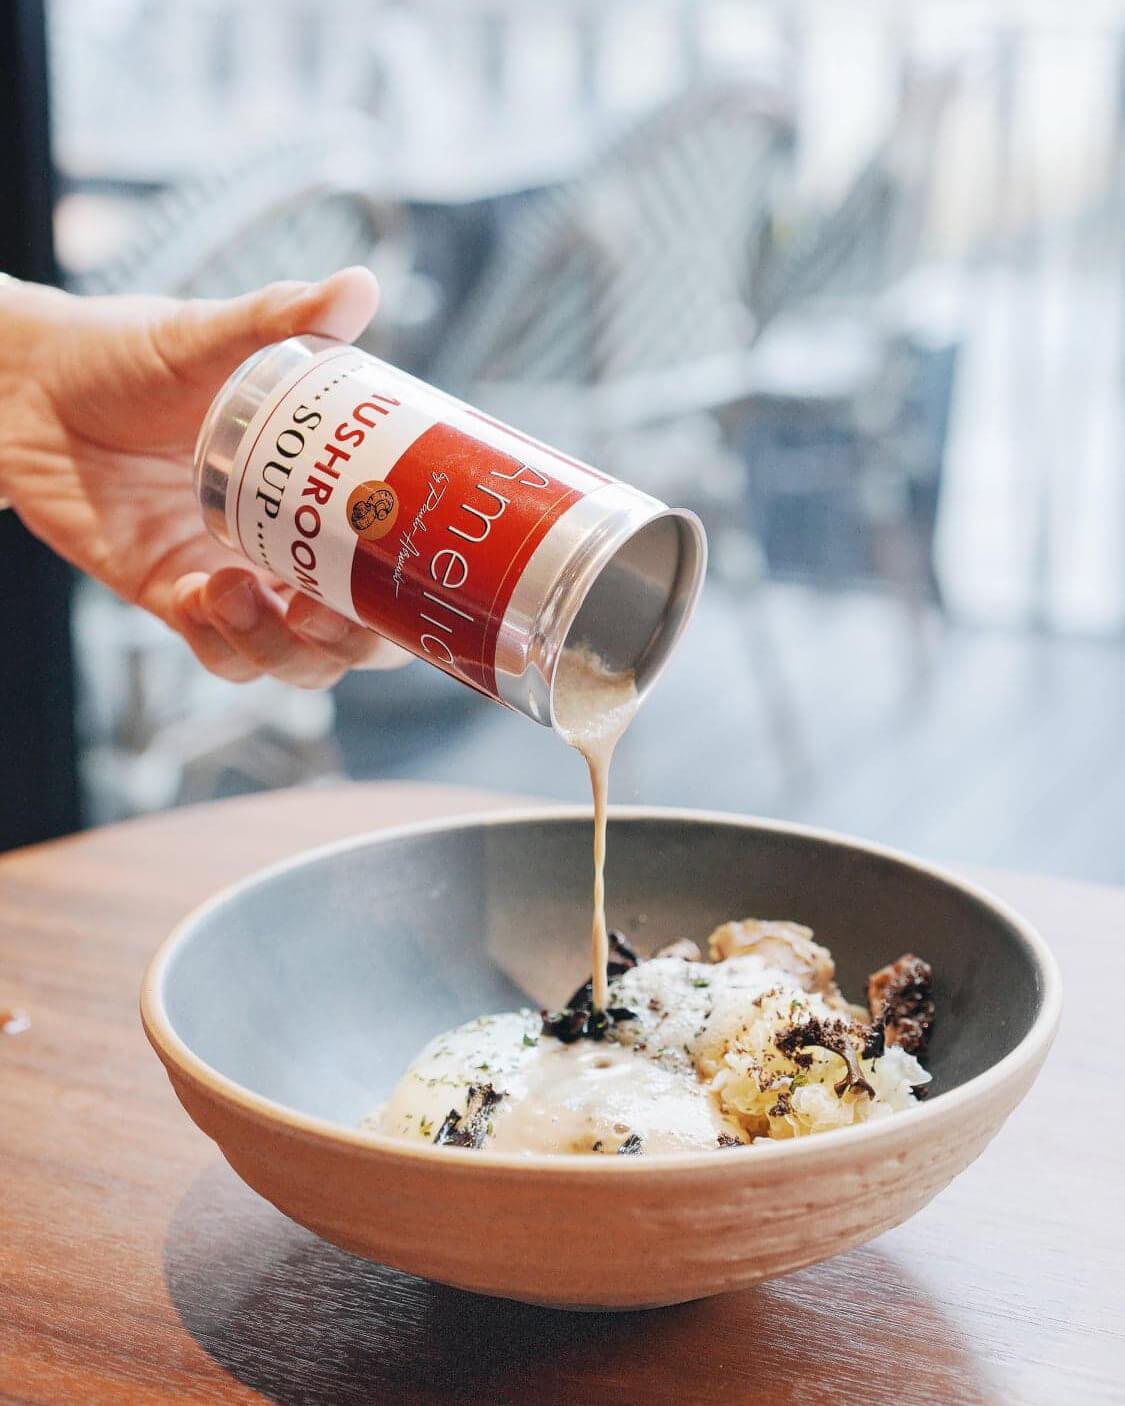 師傅以Andy Warhol嘅金寶湯pop art為題,設計出獨特嘅香甜菇湯。